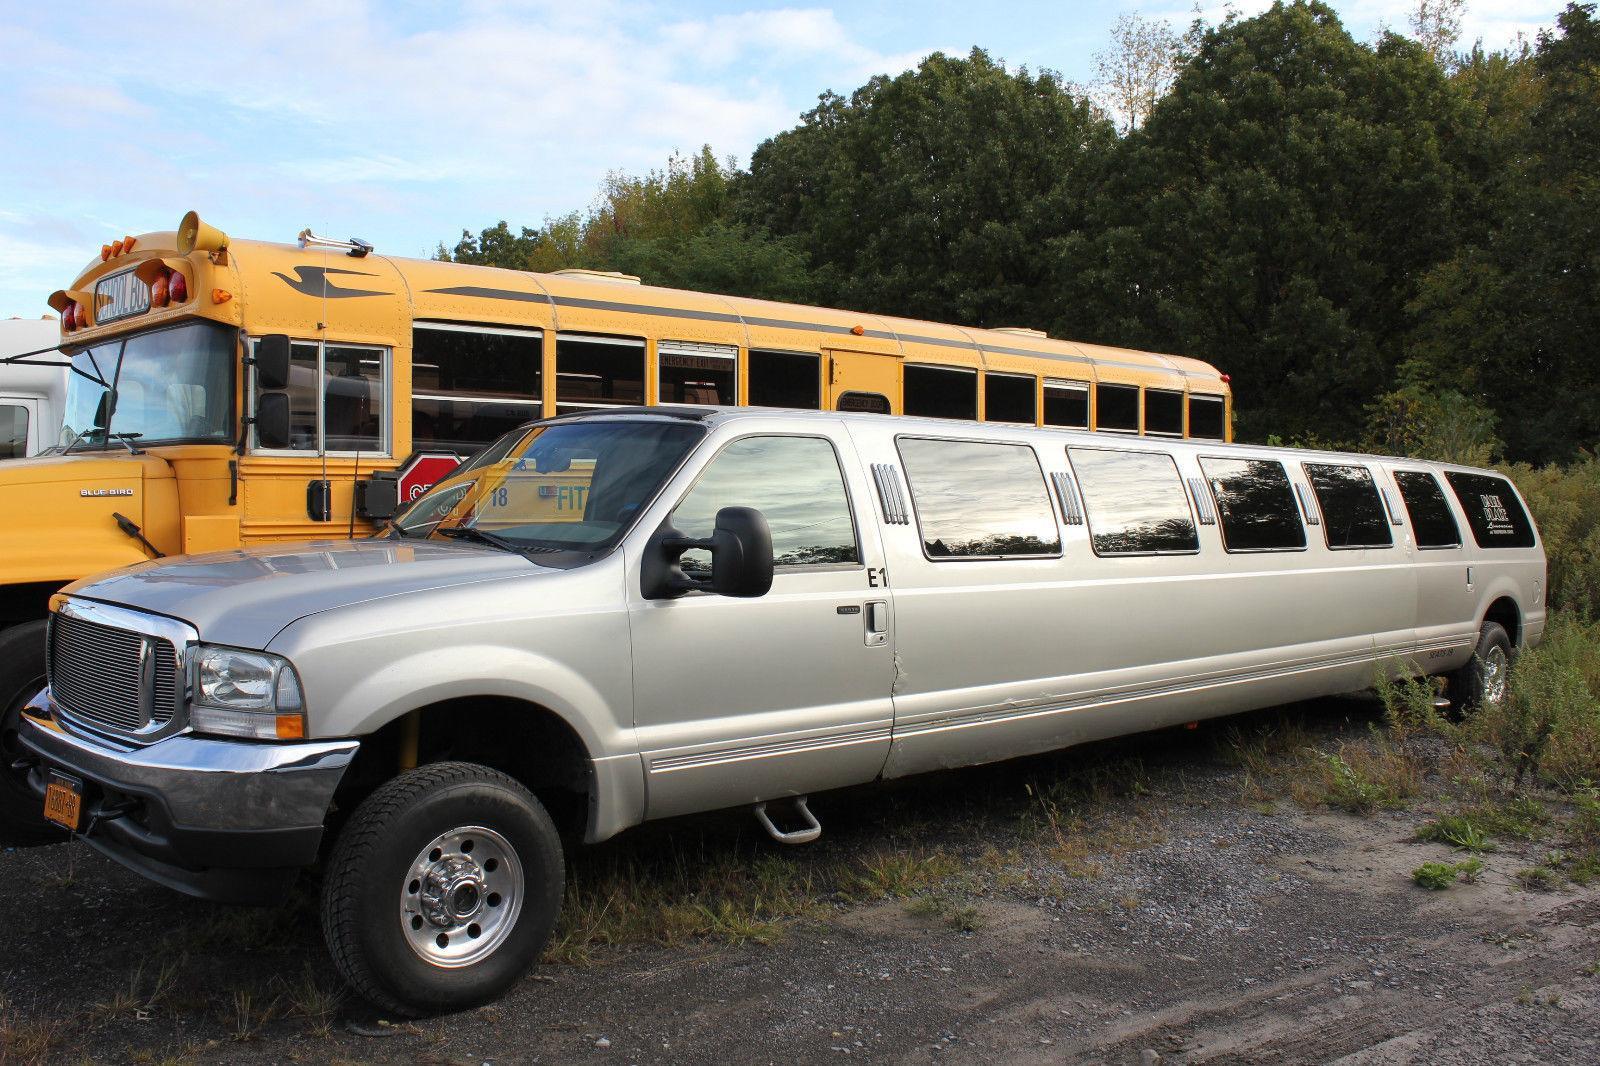 2002 ford excursion suv limousine for sale. Black Bedroom Furniture Sets. Home Design Ideas